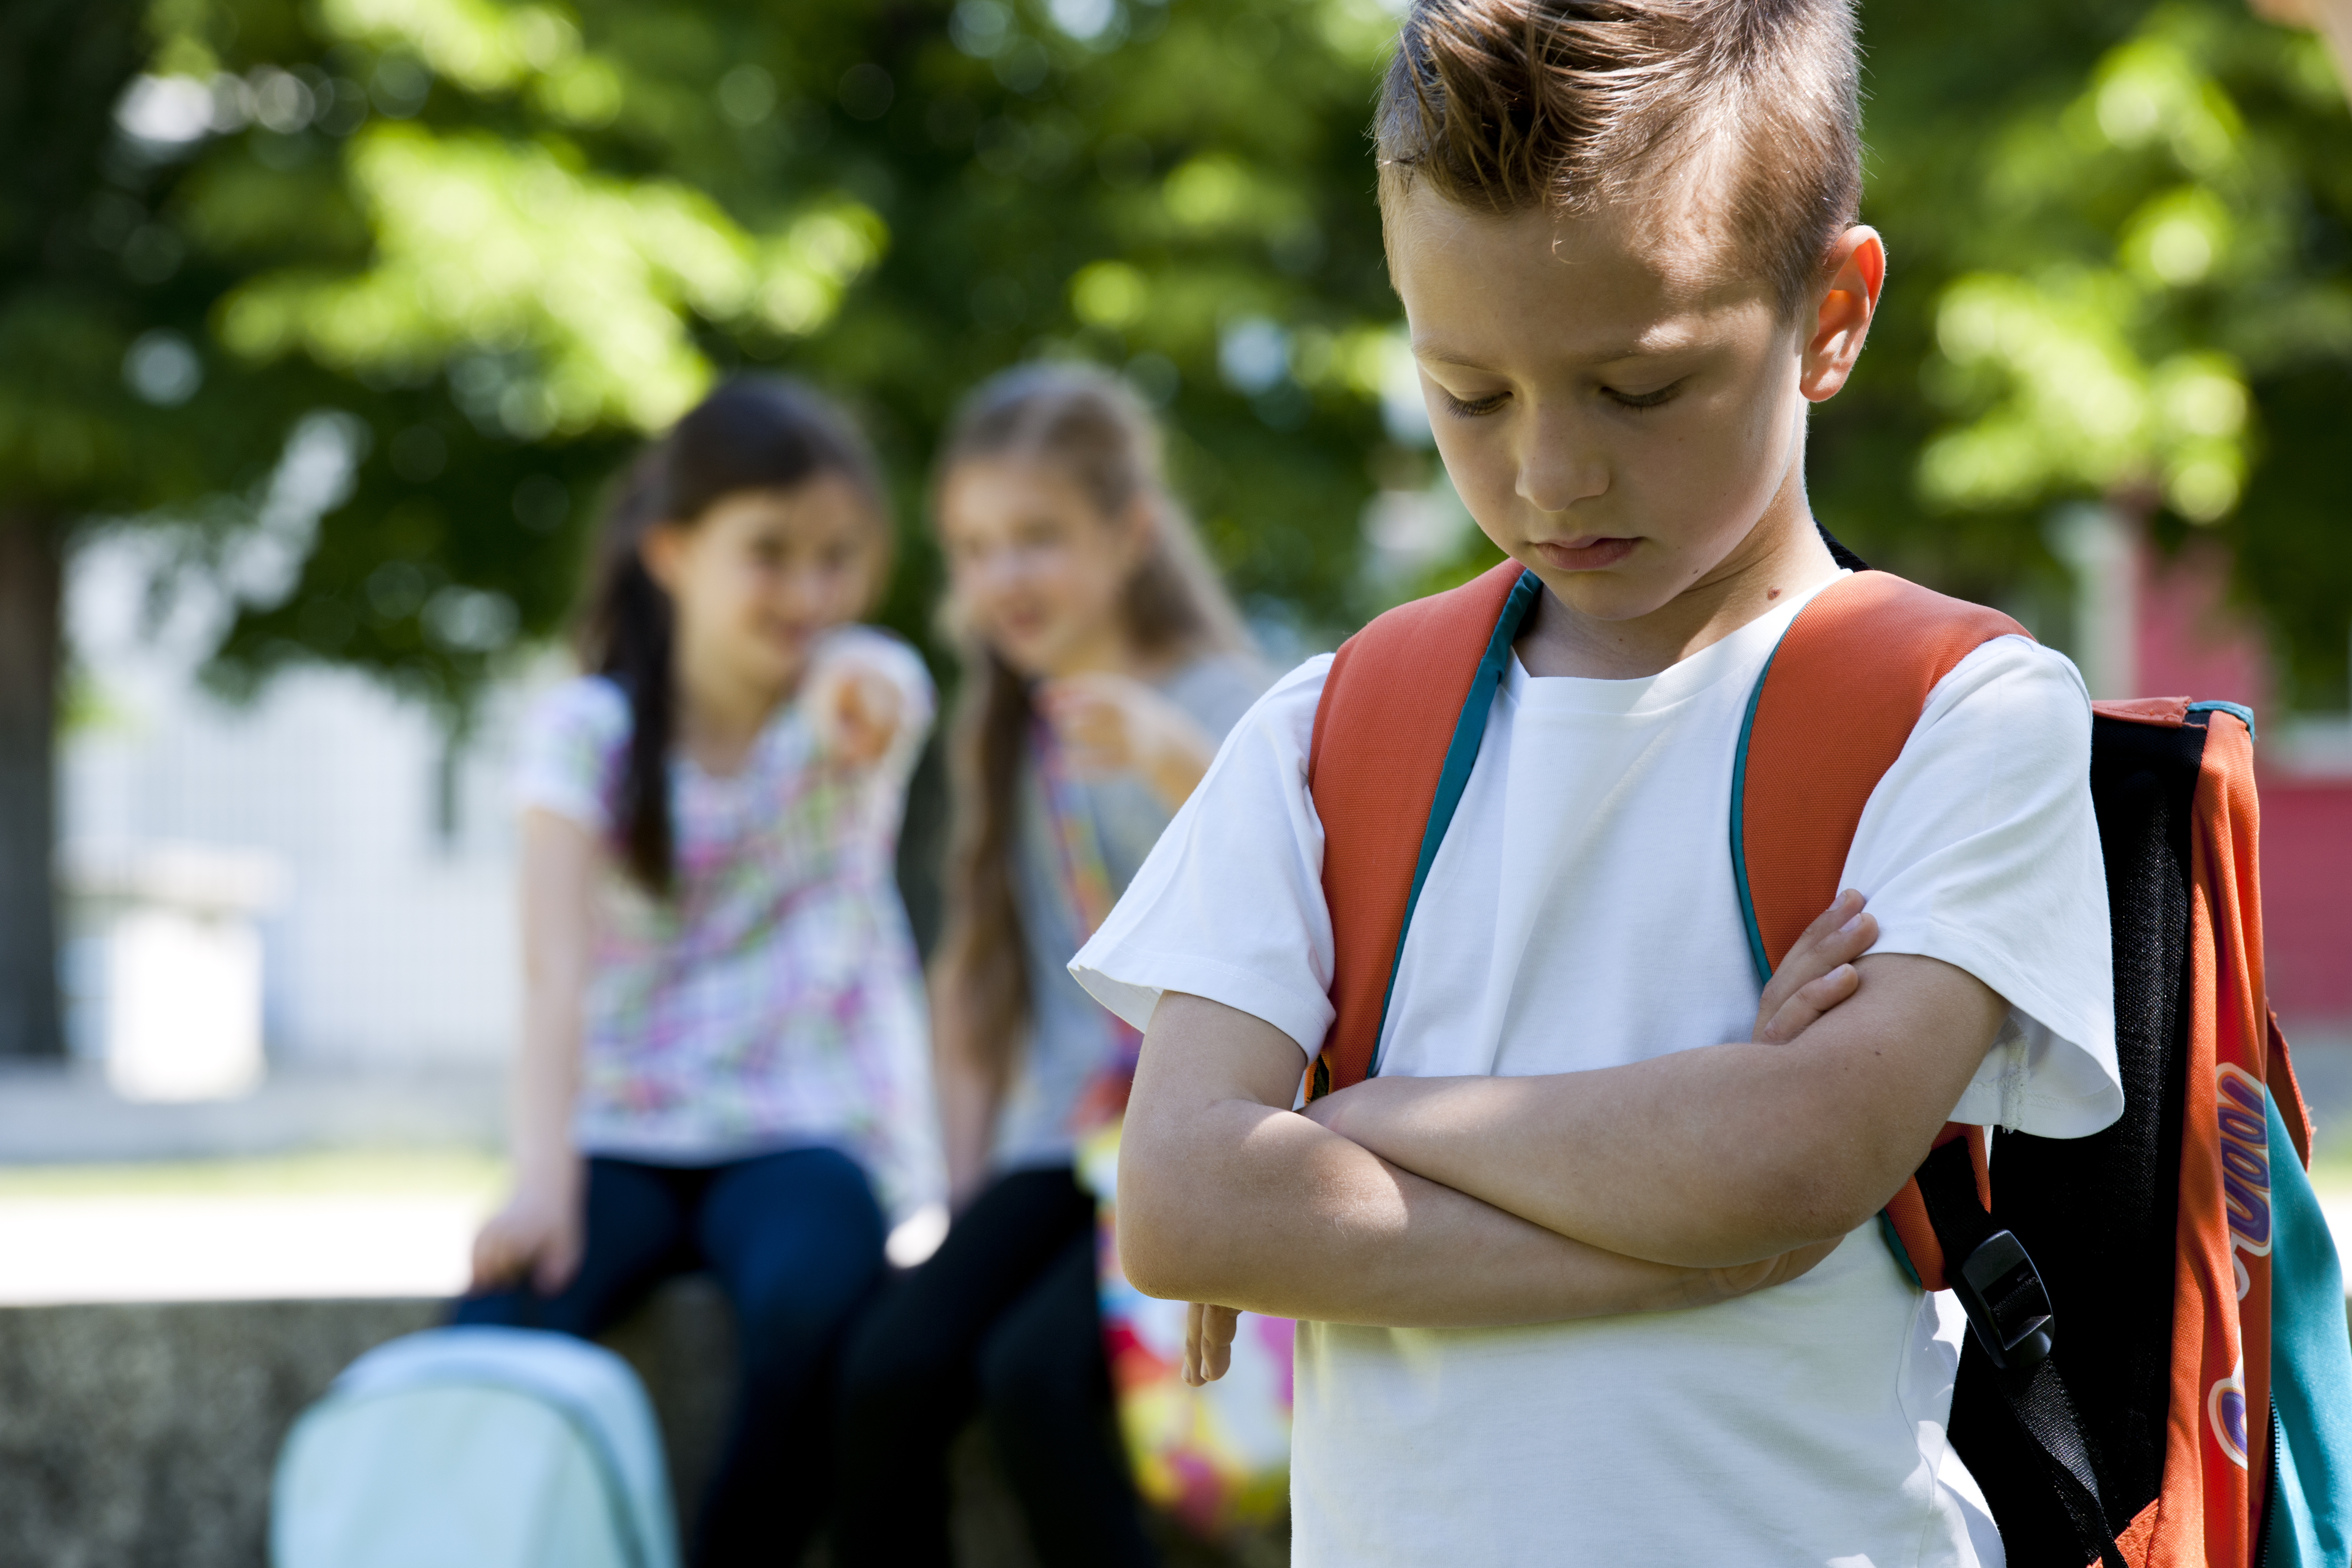 menino triste com duas meninas atrás zombando dele